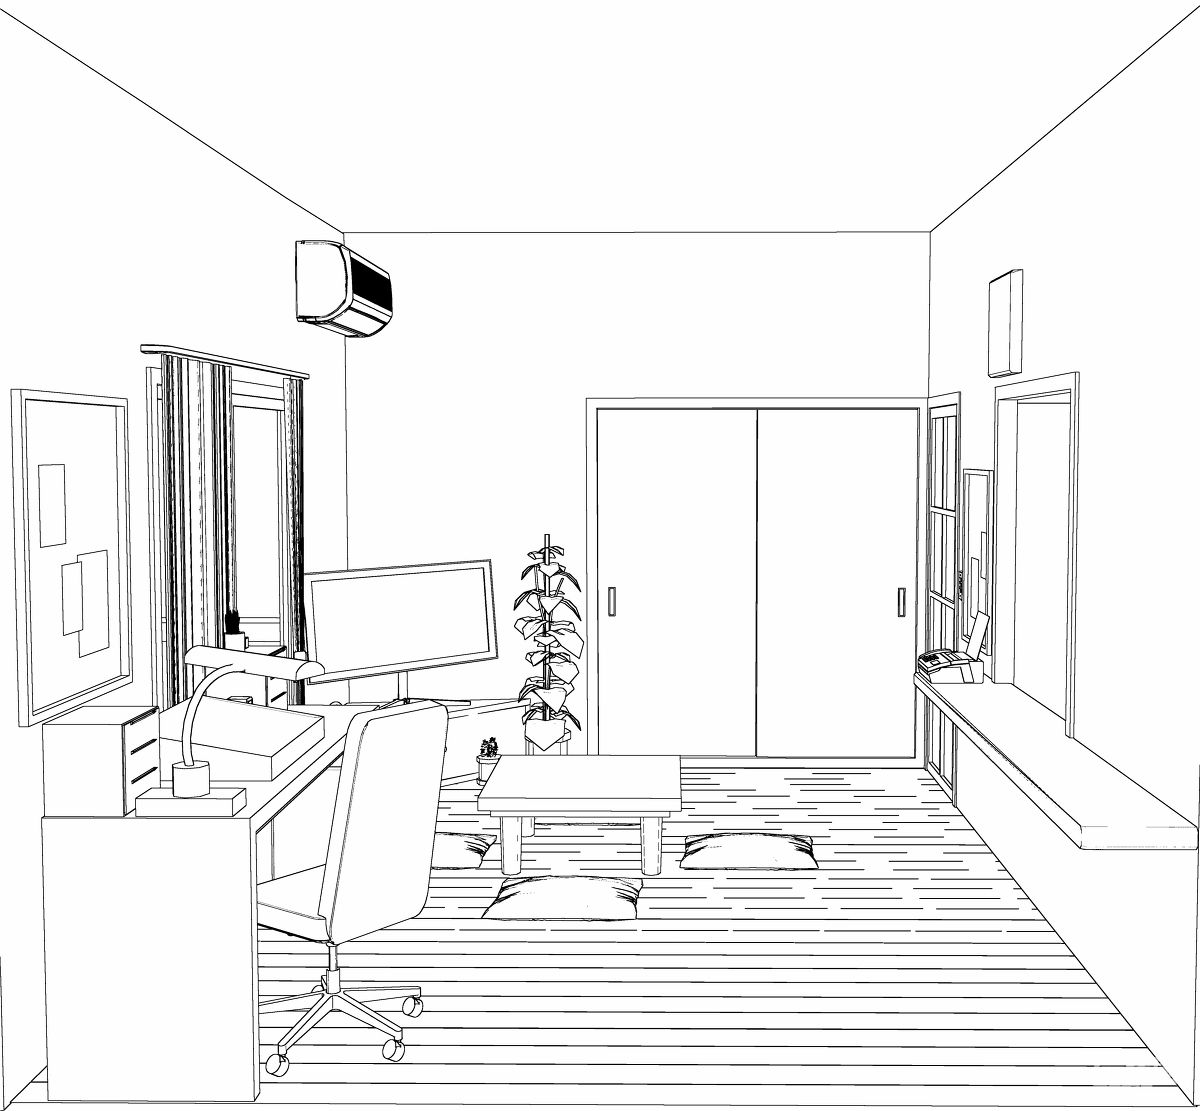 大理石地板房间设计图展示